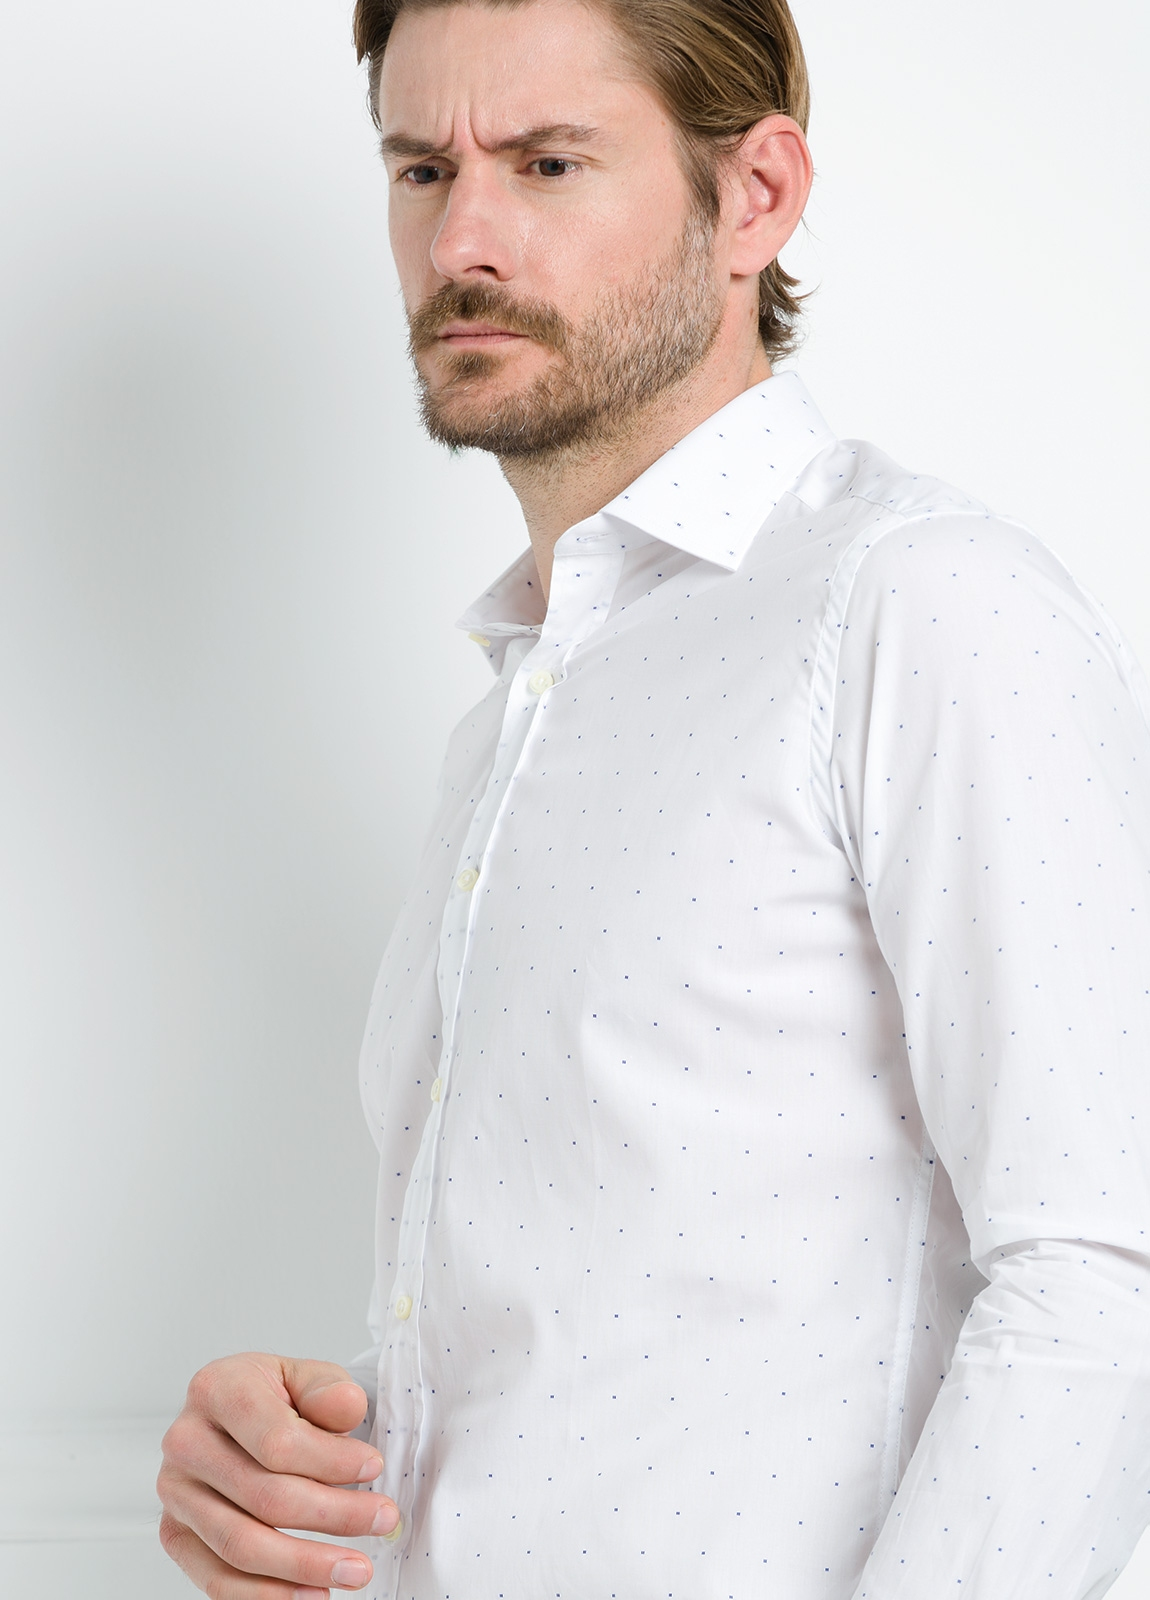 Camisa Formal Wear REGULAR FIT cuello italiano modelo TAILORED NAPOLI diseño de rayas color celeste, 100% Algodón. - Ítem2